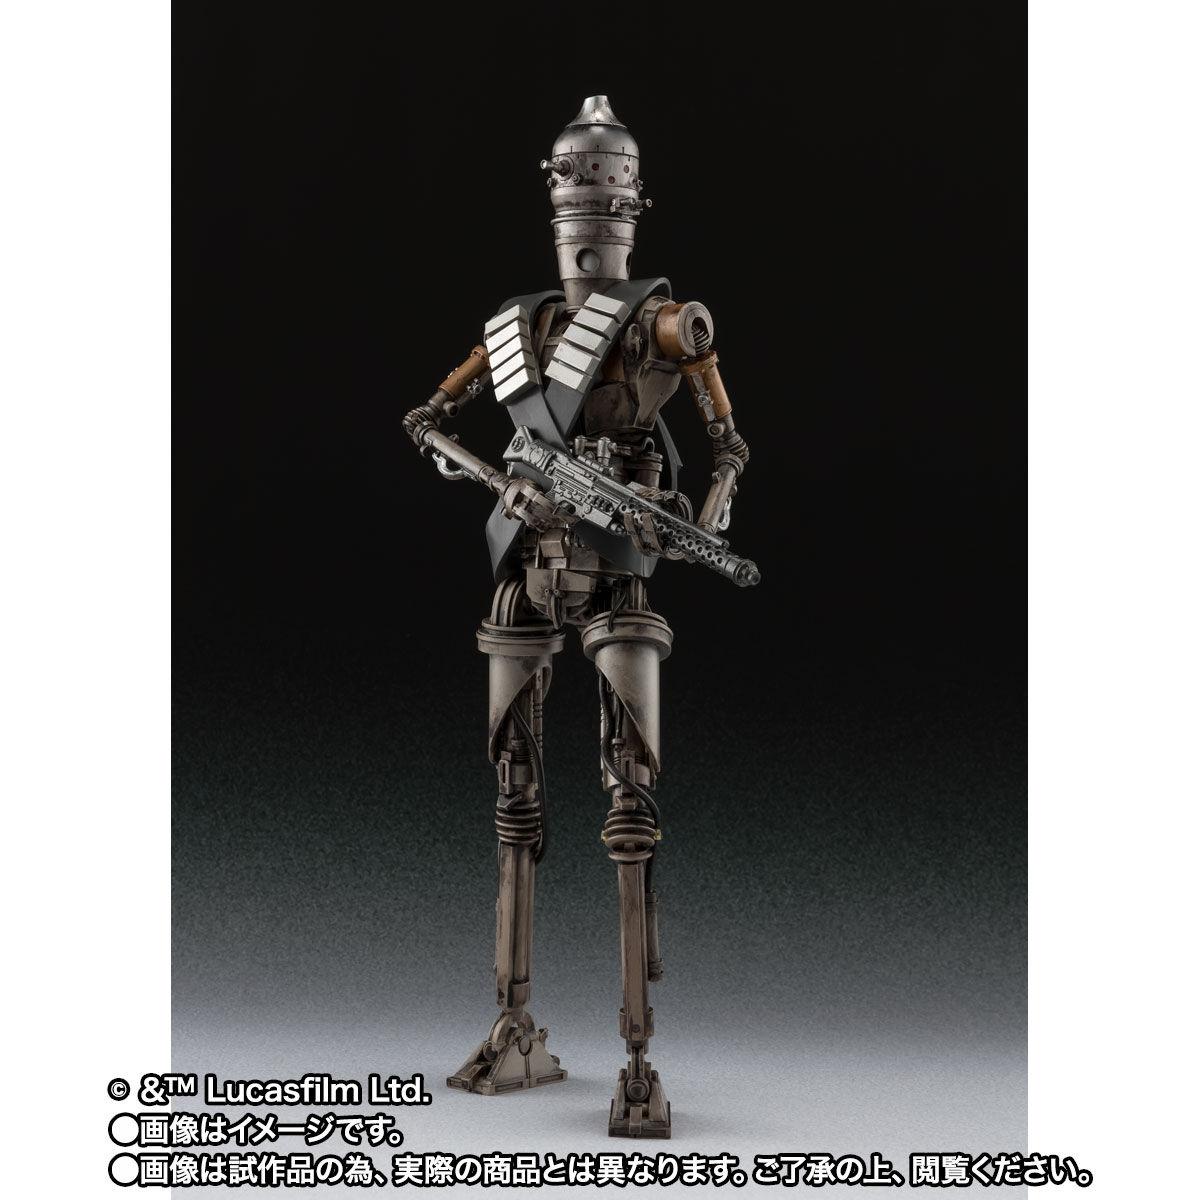 【限定販売】S.H.Figuarts『IG-11(STAR WARS:The Mandalorian)』マンダロリアン 可動フィギュア-002